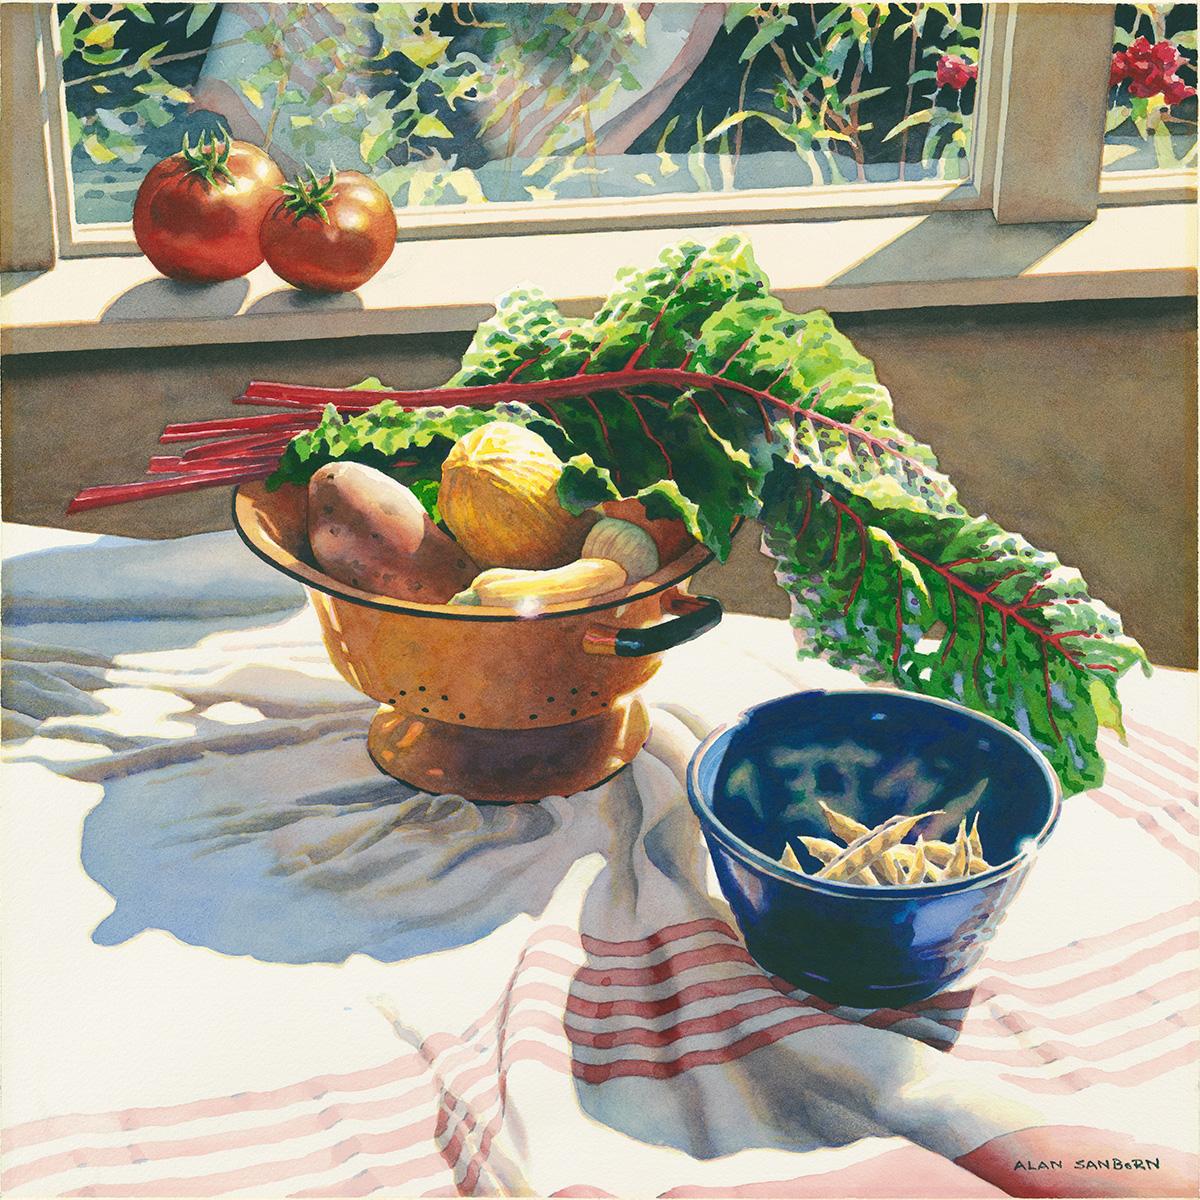 Alan Sanborn, watercolor, 2005.